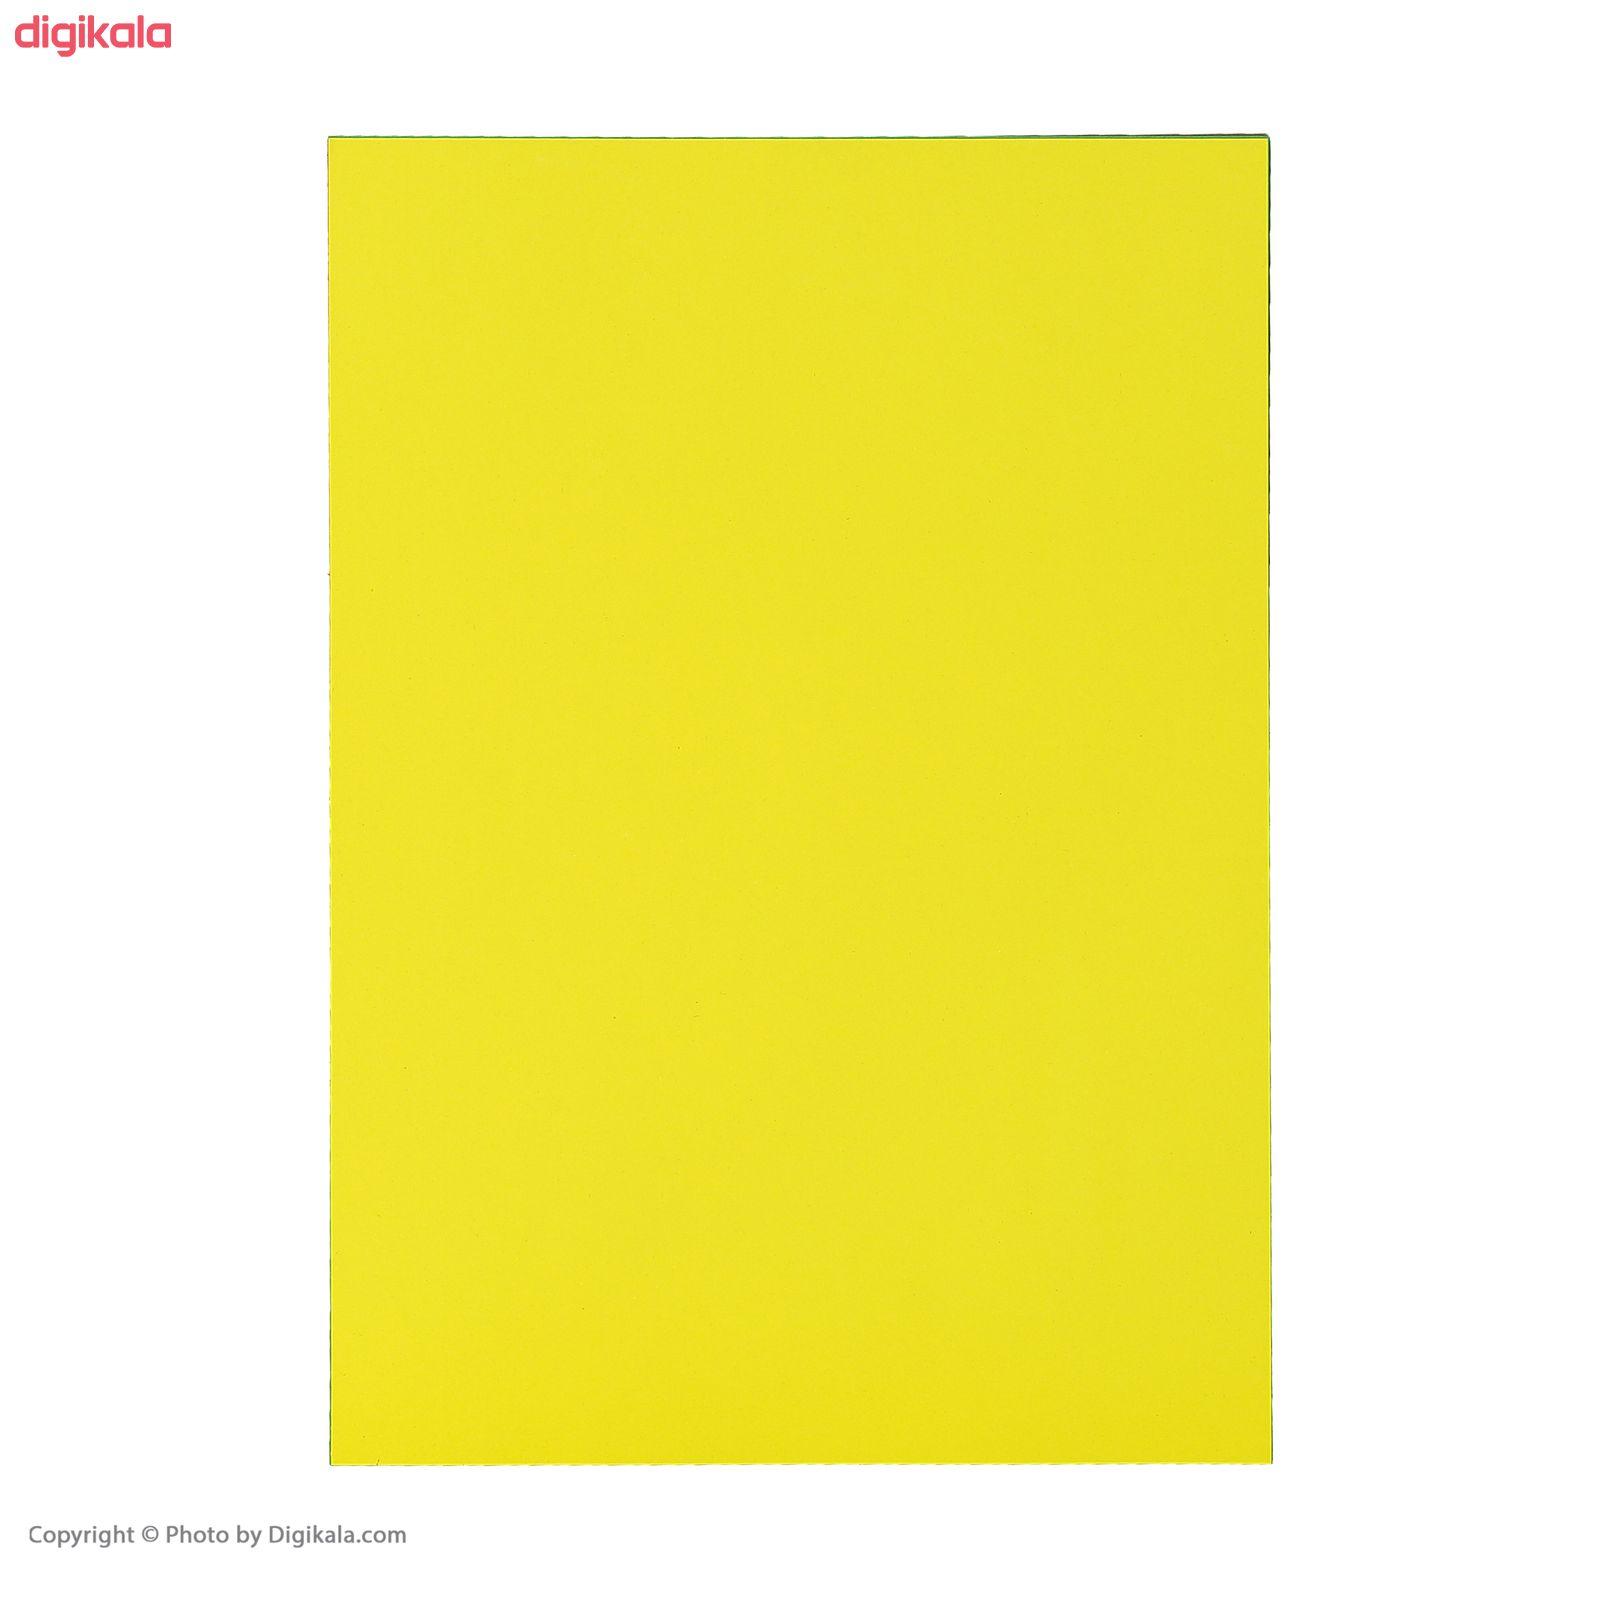 مقوا رنگی کد 04 سایز 24x34 (بزرگتر از A4) بسته 20 عددی main 1 2